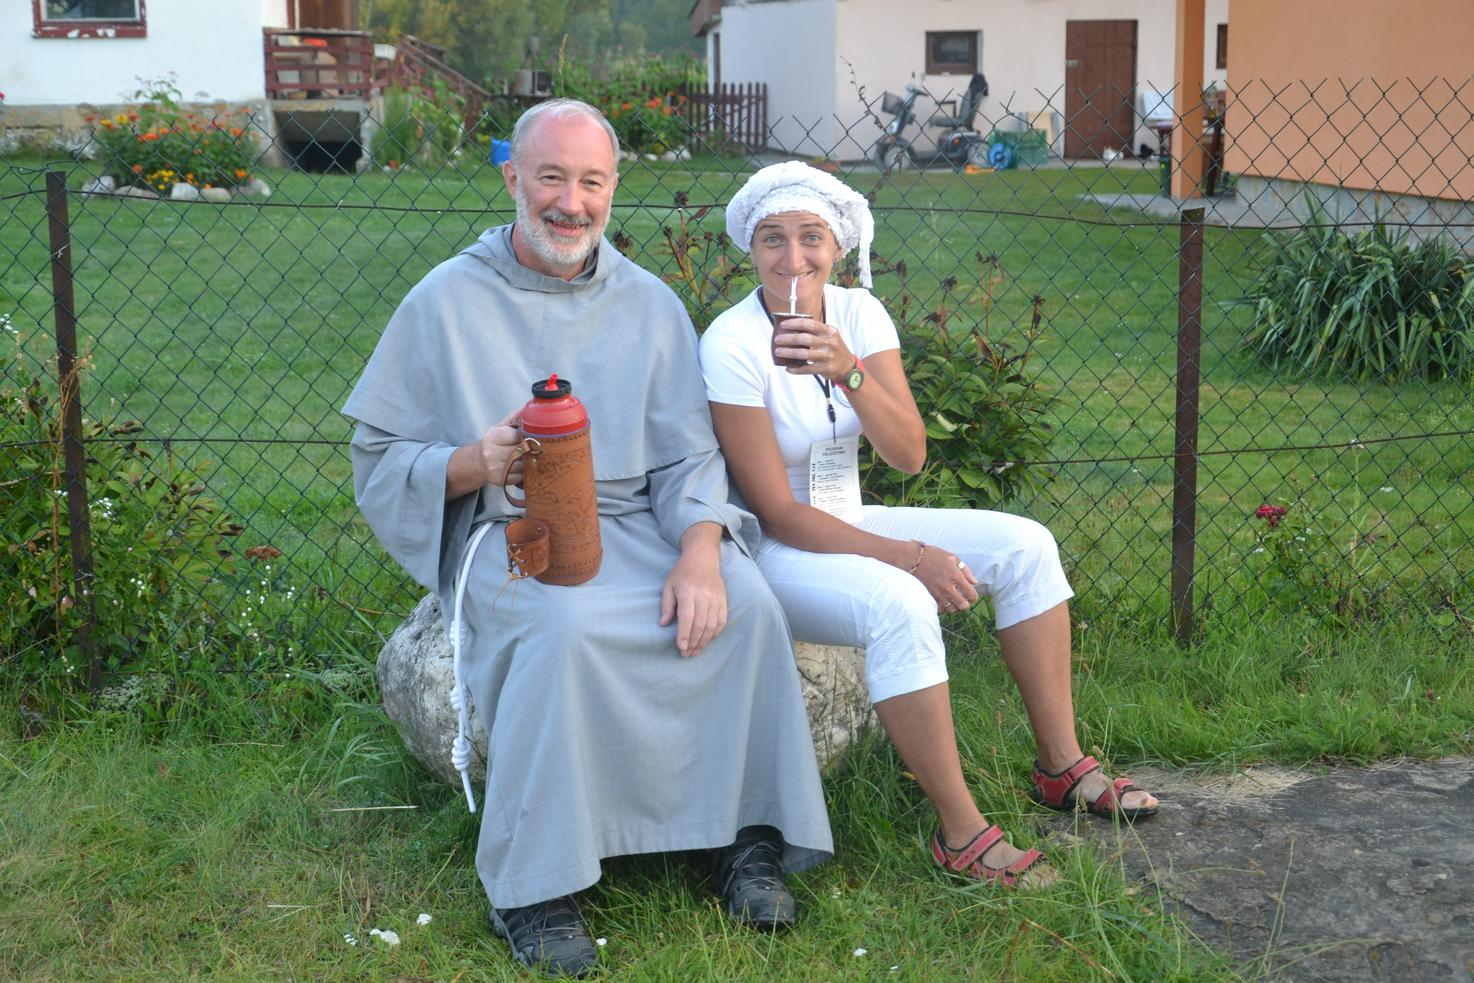 15 Piesza Pielgrzymka Krosno - Kalwaria Pacławska - dzień czwarty 12 sierpnia 2017 (02)